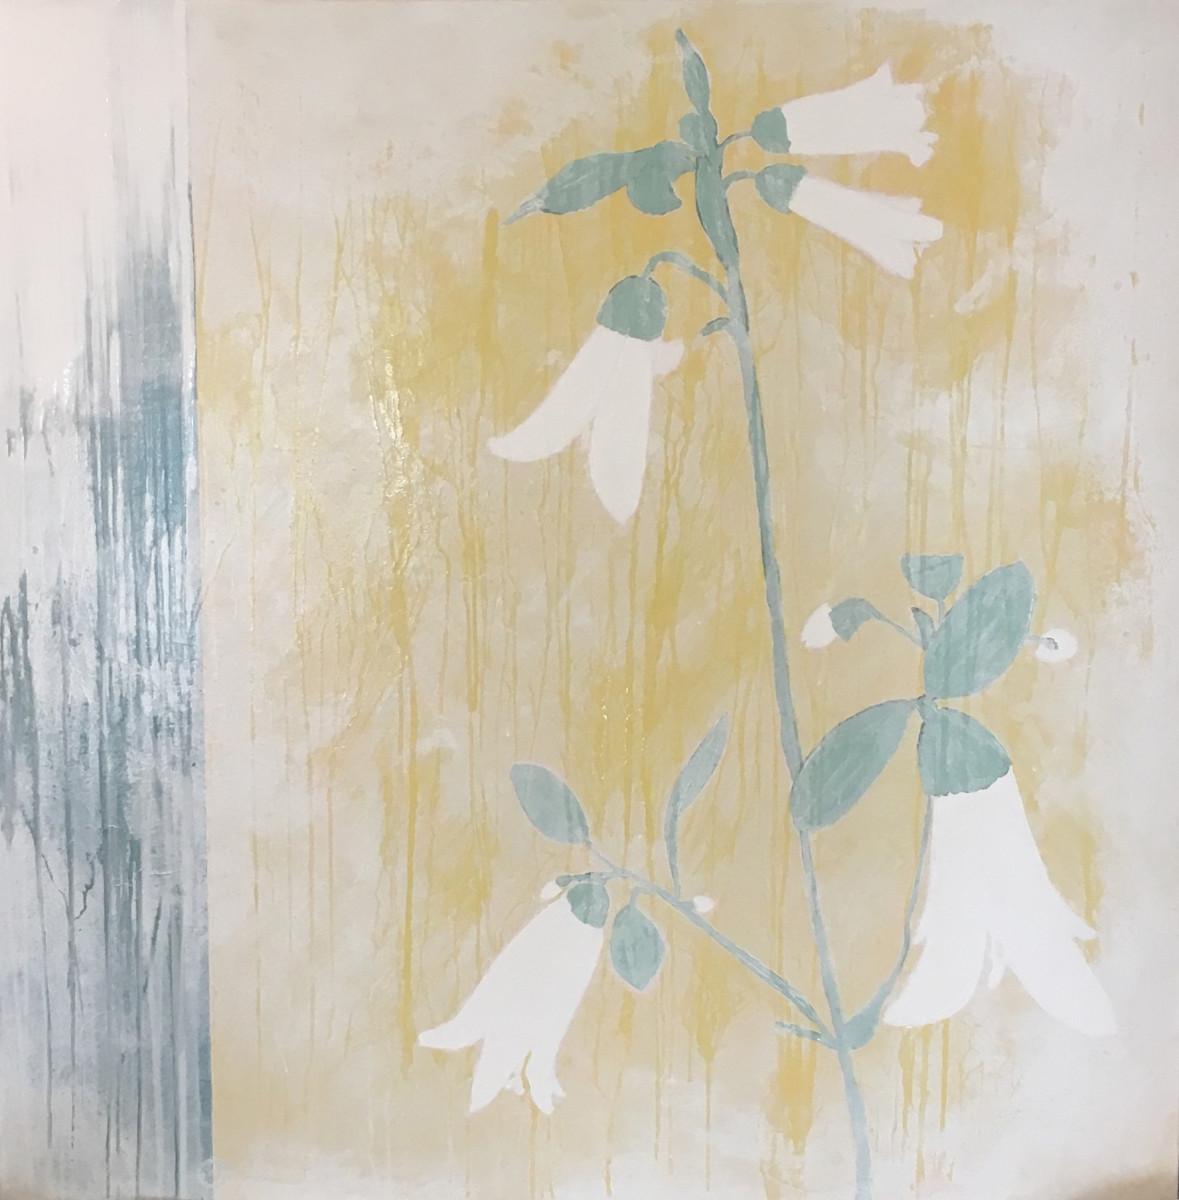 Looking Through Spring Rain with Ivory Bells by Karen Tusinski